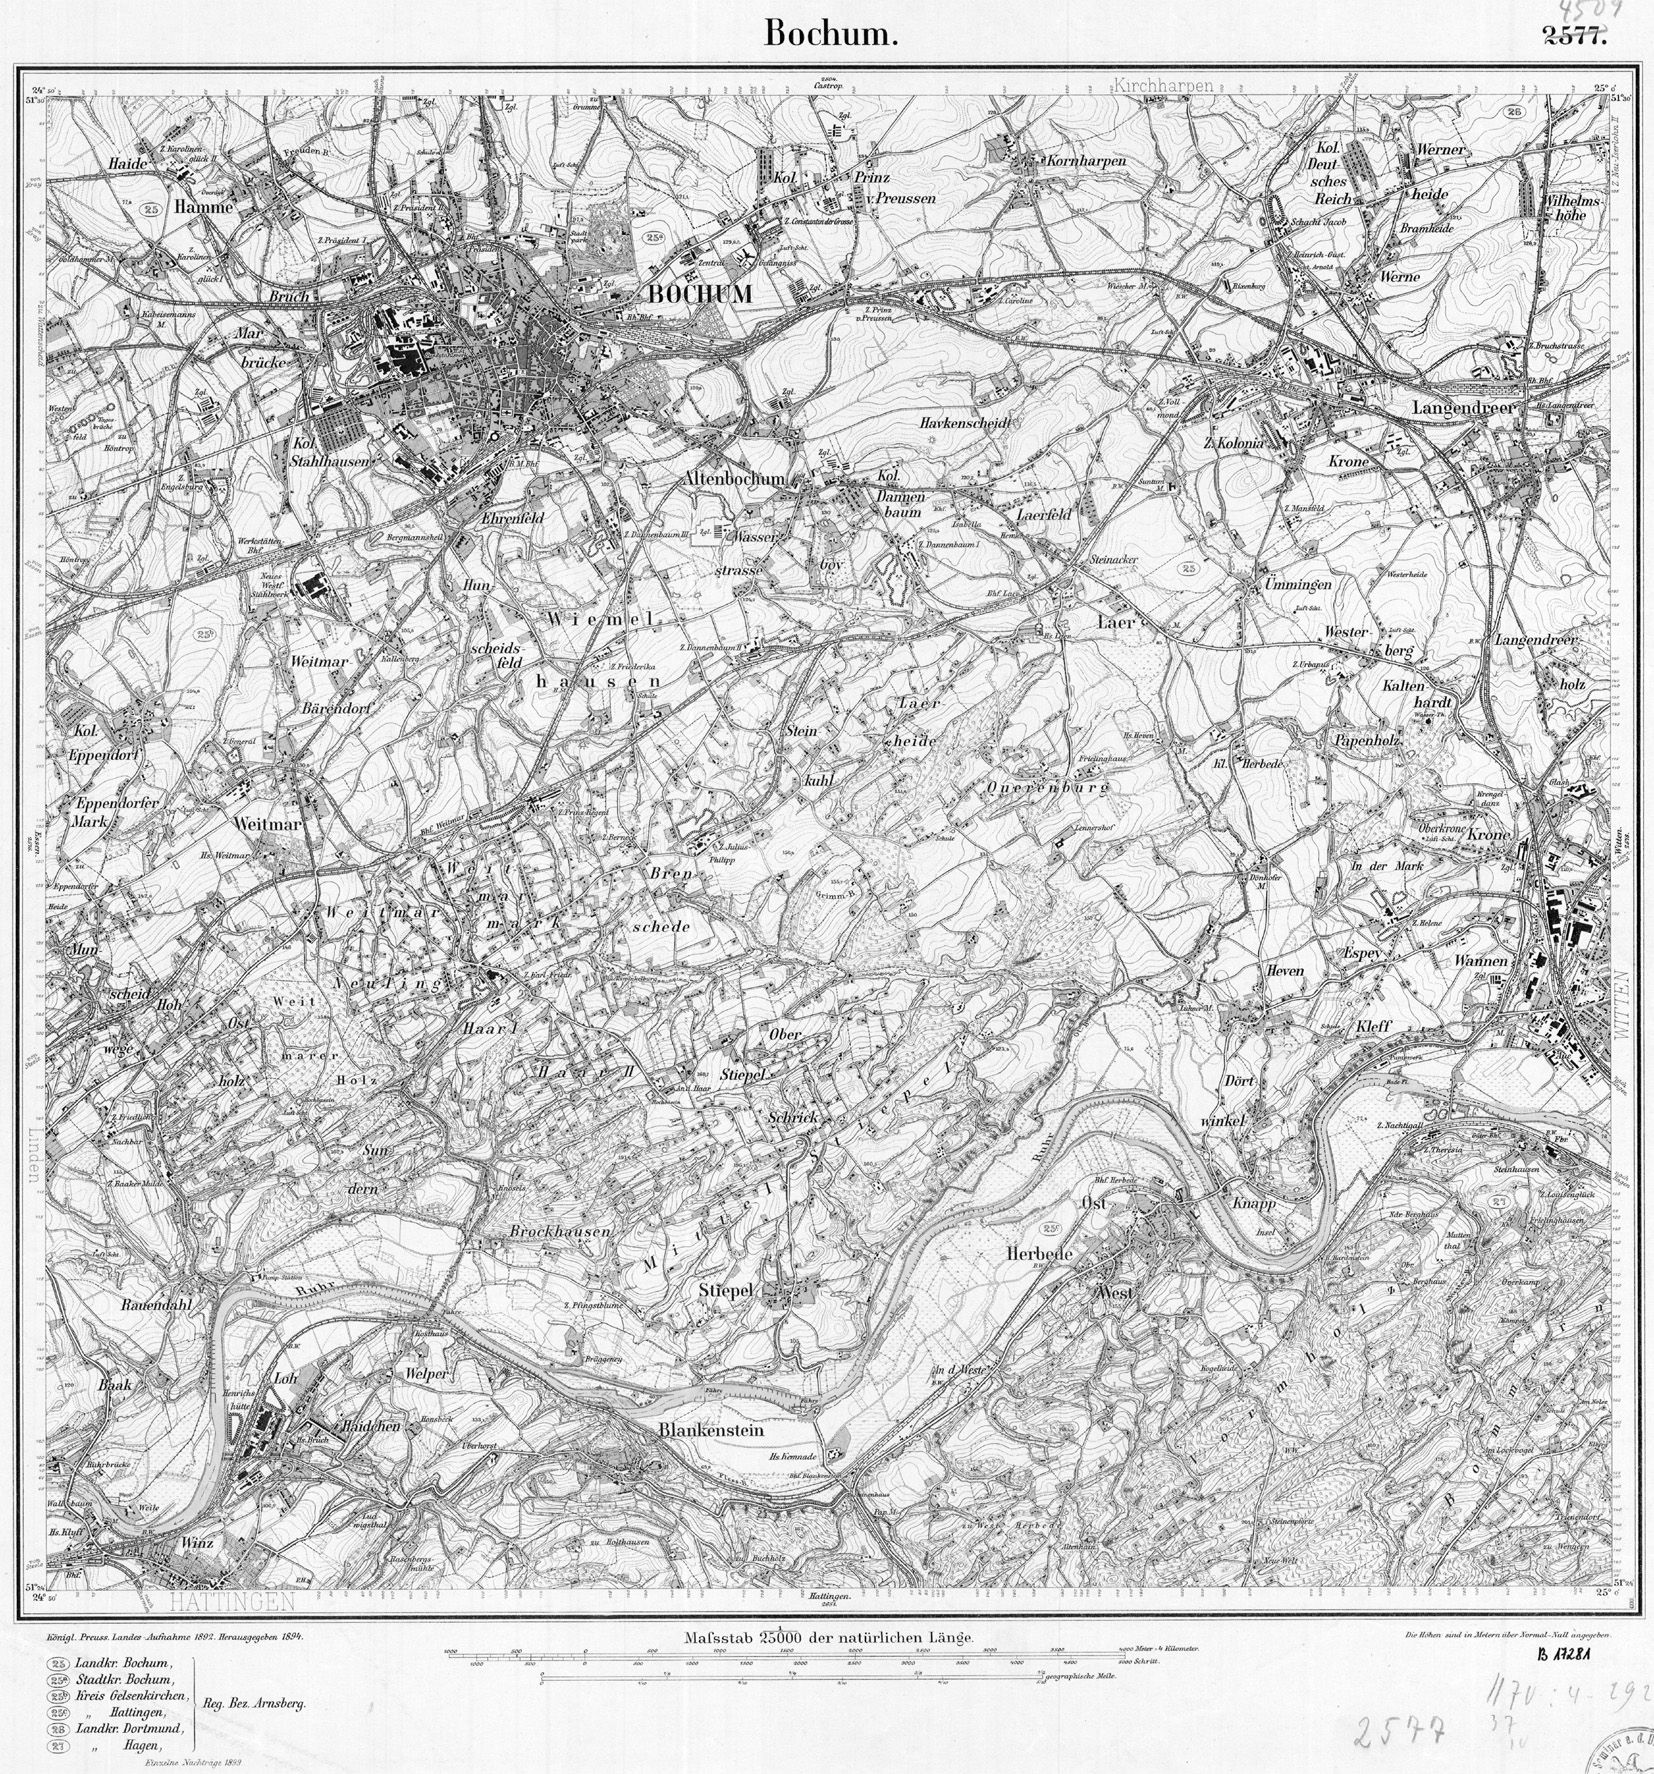 file:messtischblatt 4509 bochum 1899 - wikimedia commons, Esstisch ideennn